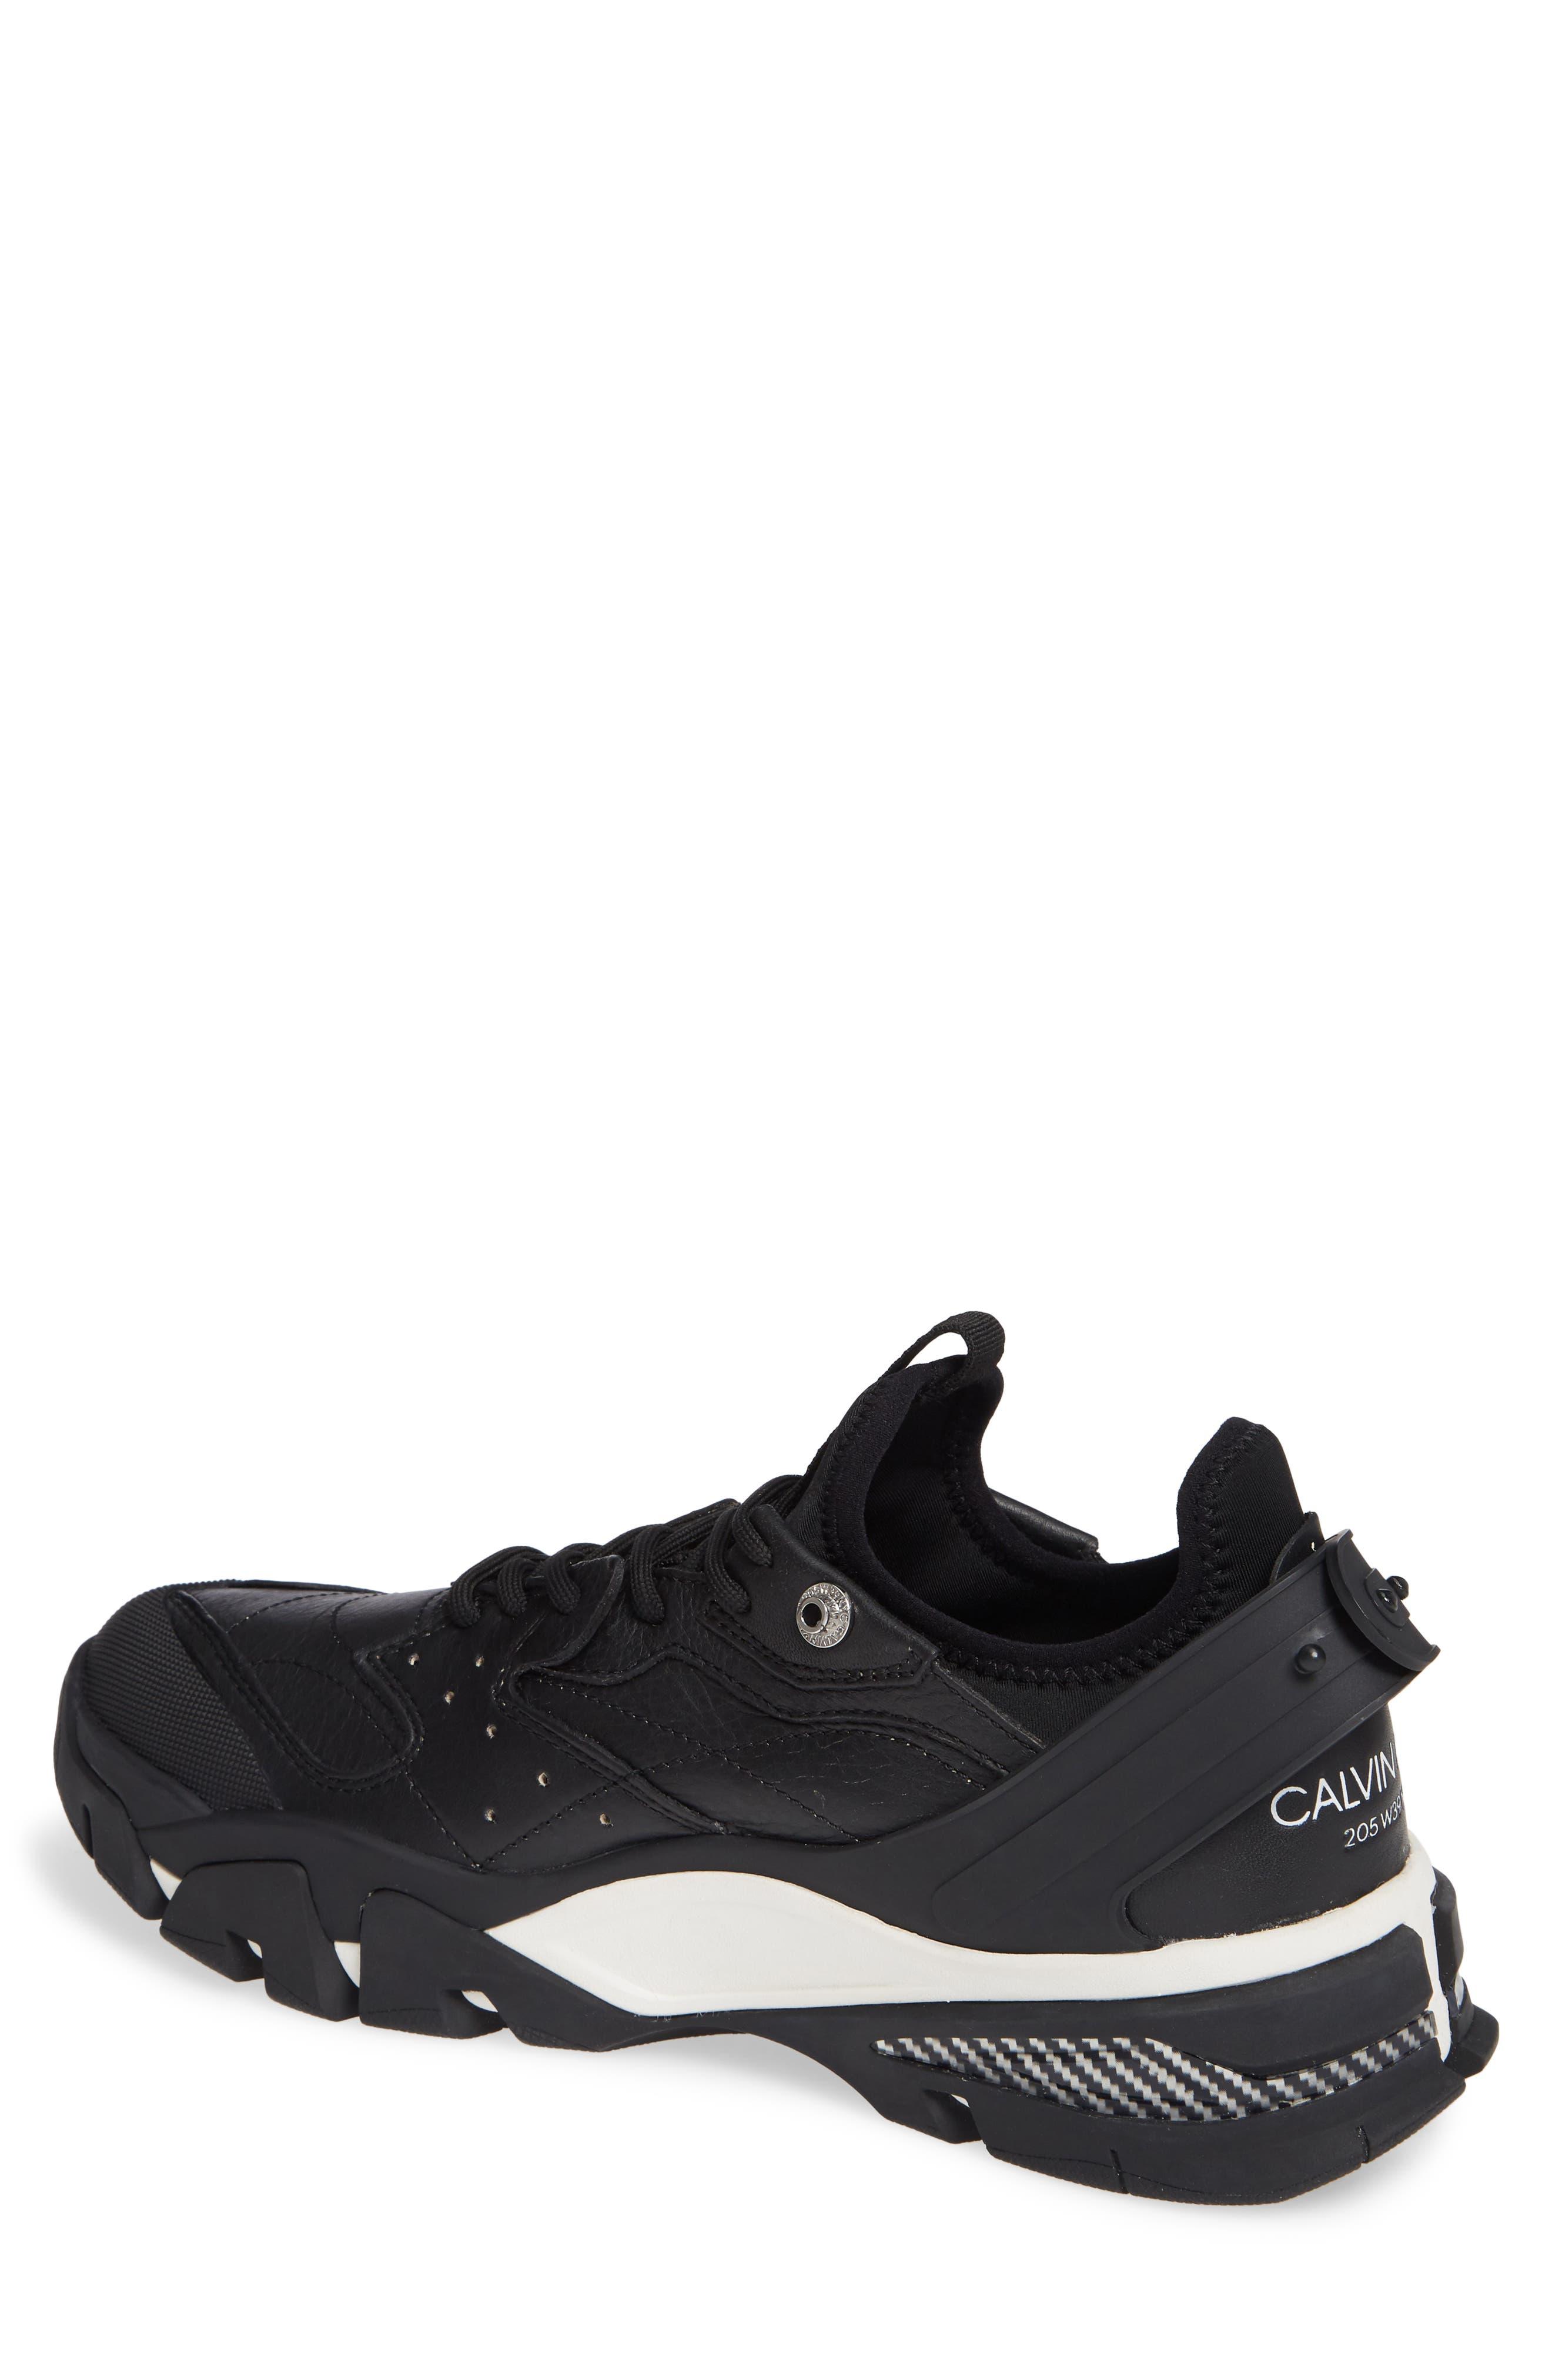 Carlos 10 Snapback Runner Sneaker,                             Alternate thumbnail 2, color,                             BLACK/ WHITE